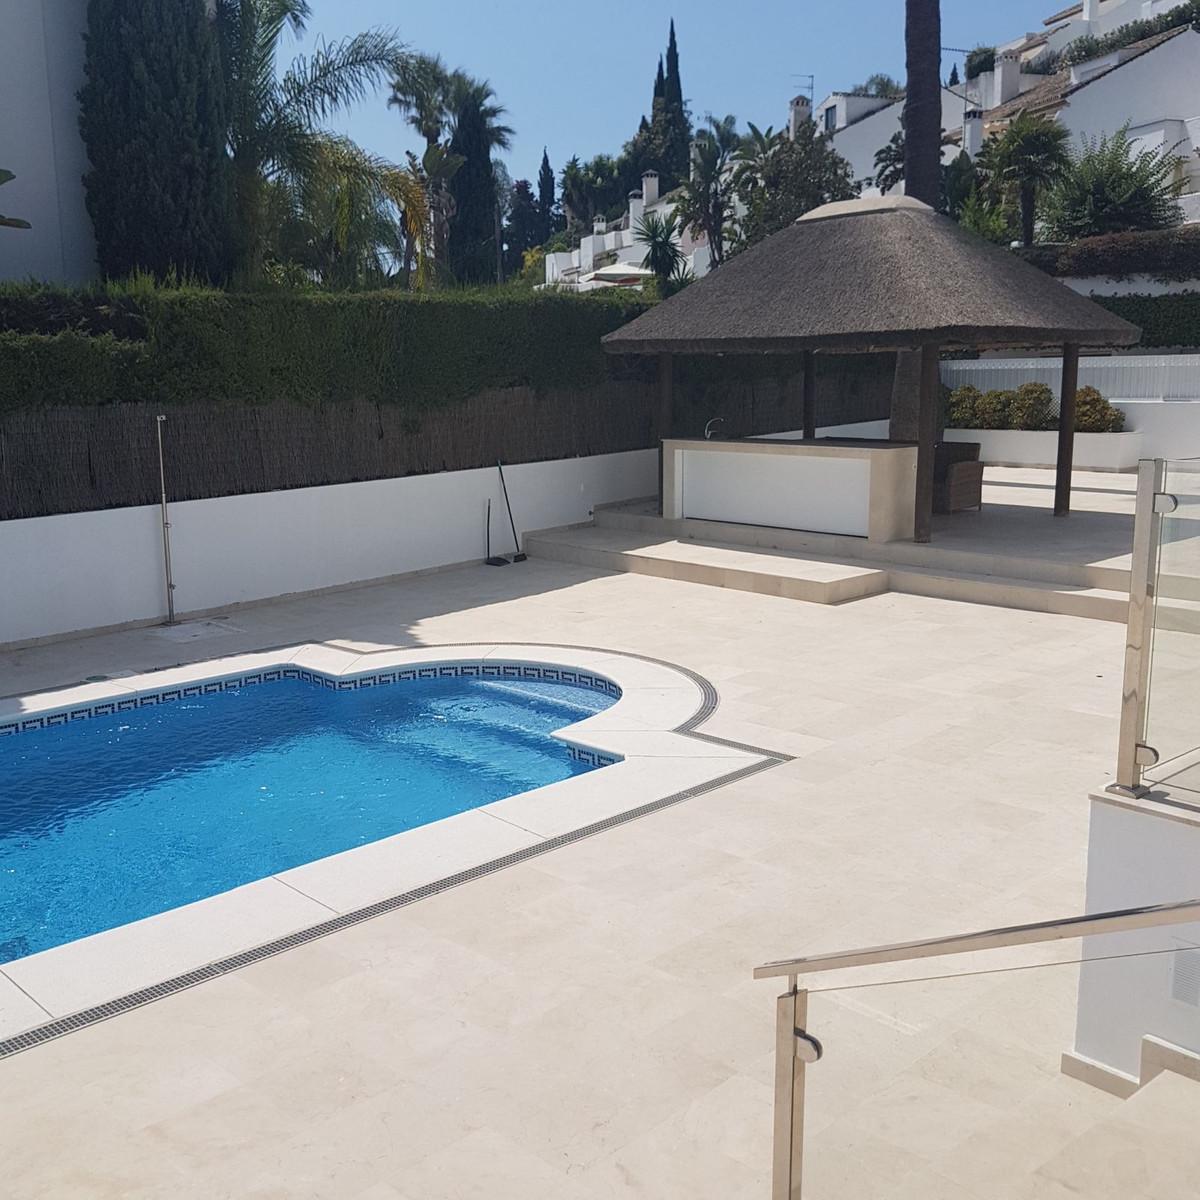 Sales - House - Puerto Banús - 15 - mibgroup.es